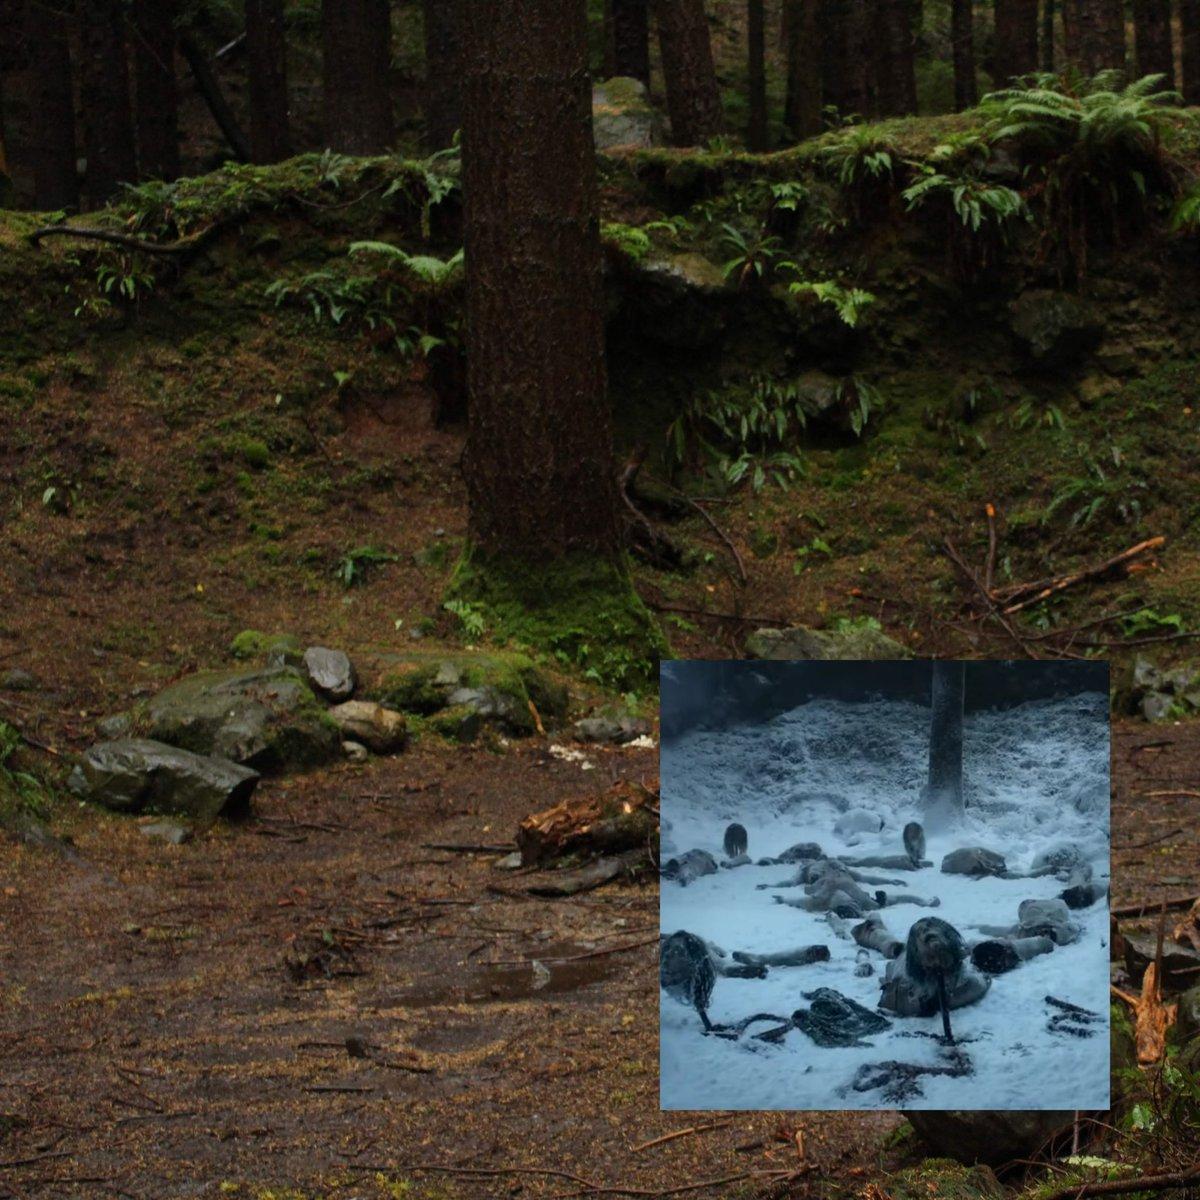 test ツイッターメディア - 【GoTロケ地ツアー】 プロローグでロイス、ウィルたちがたどり着いた野人の殺戮現場。アレなんで小さめに載せます🤮  雪を表現するために紙やタルクを撒いて、撮影後に全部掃除したそう🤫 野人少女は実は19才なんだって!彼女を引っ掛けてた木の穴も現存。  #GameofThrones #ゲームオブスローンズ #GoT https://t.co/hAFGPKvKq6